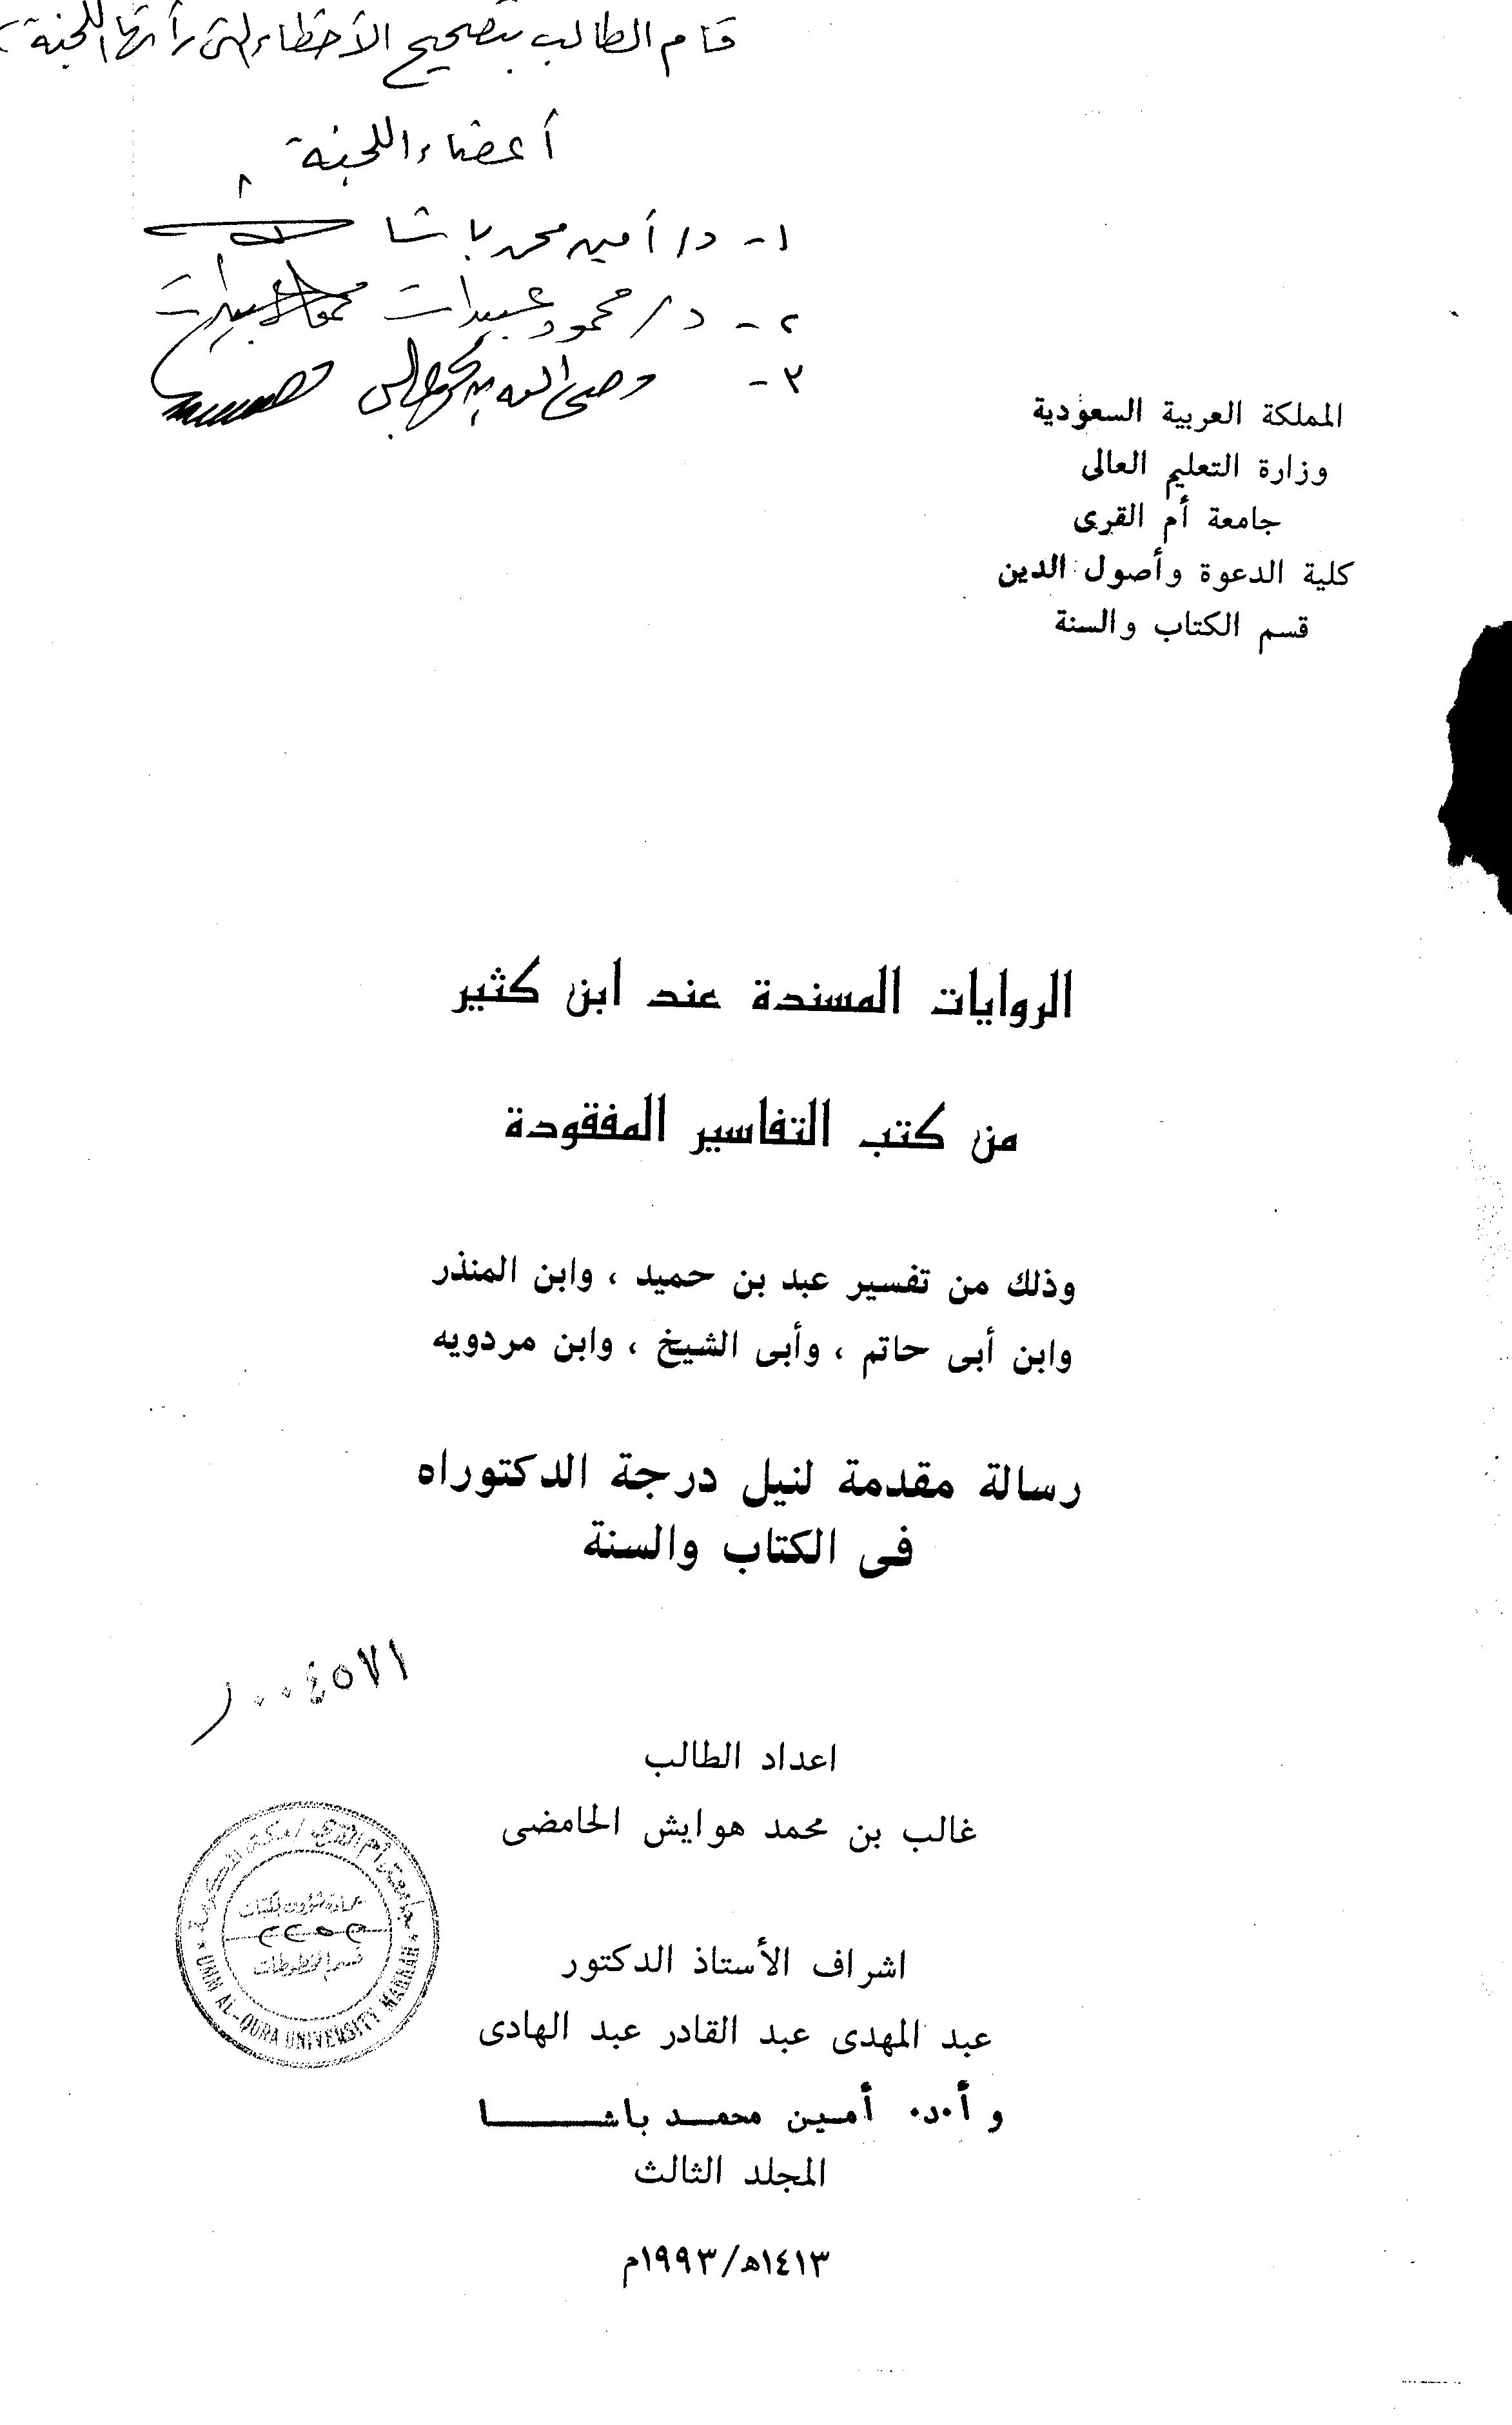 تحميل كتاب الروايات المسندة عند ابن كثير من كتب التفسير المفقودة لـِ: الدكتور غالب بن محمد هوايش الحامضي